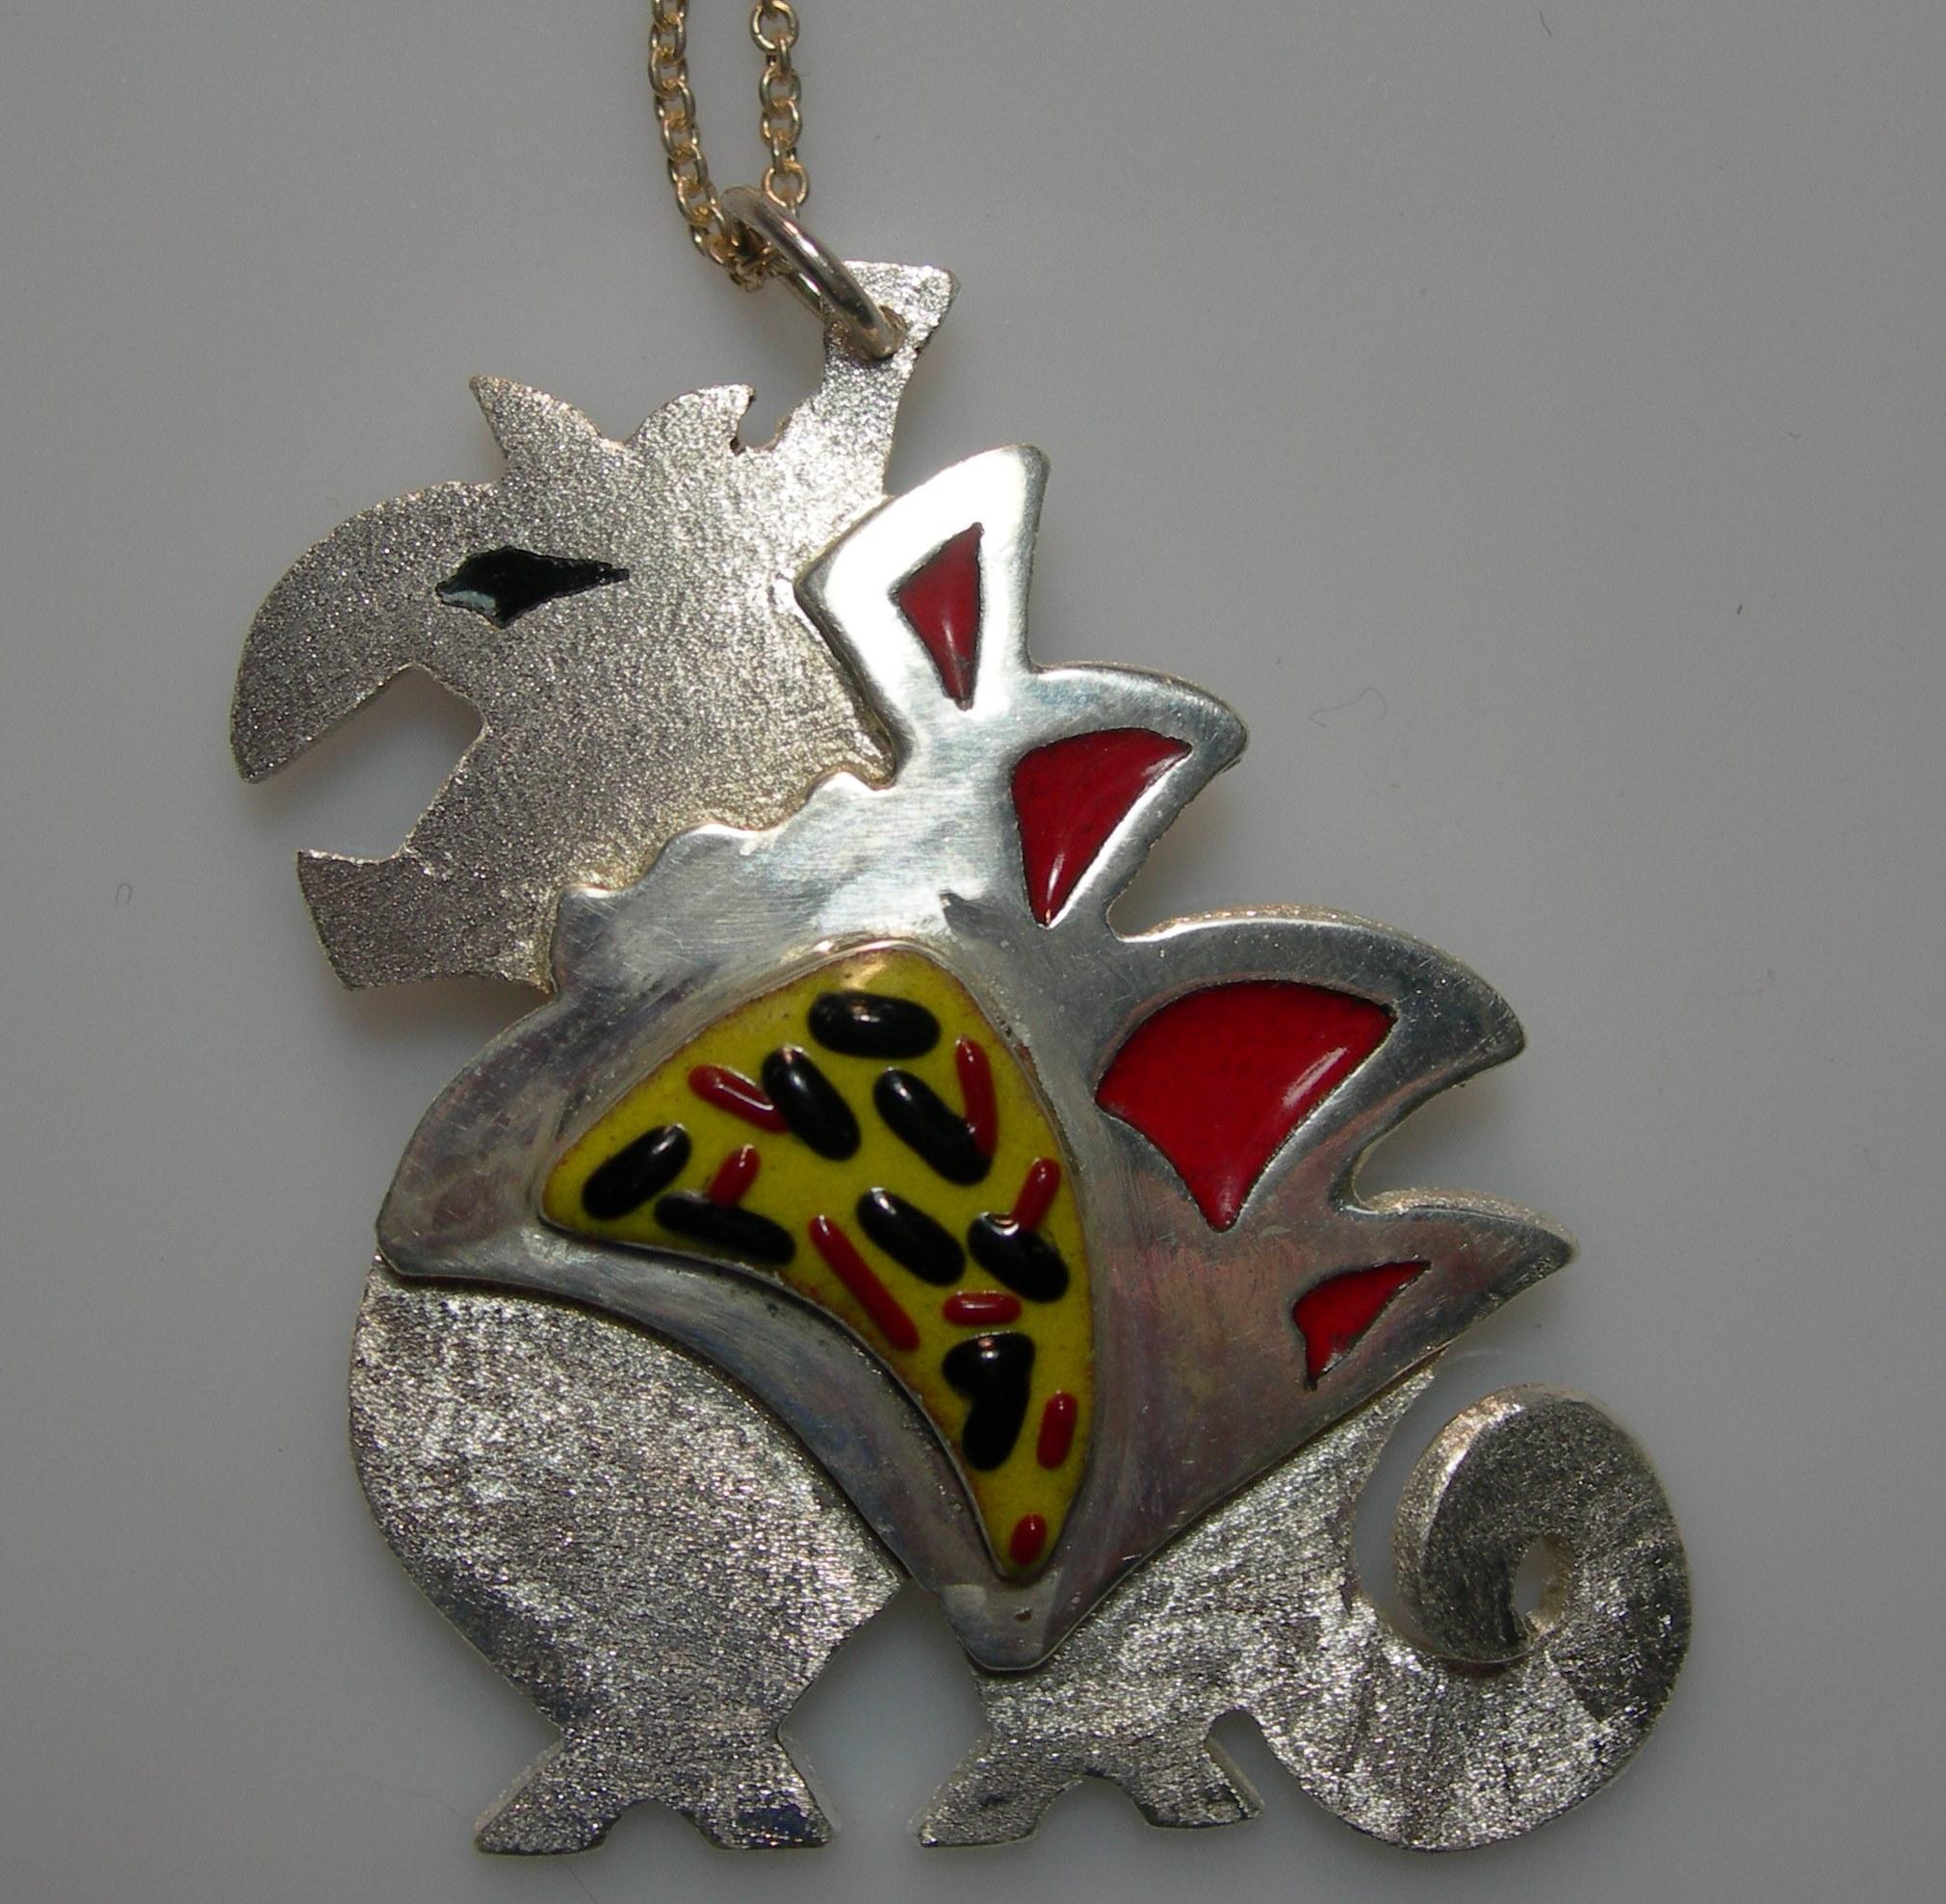 Fierce boy pendant in plated silver